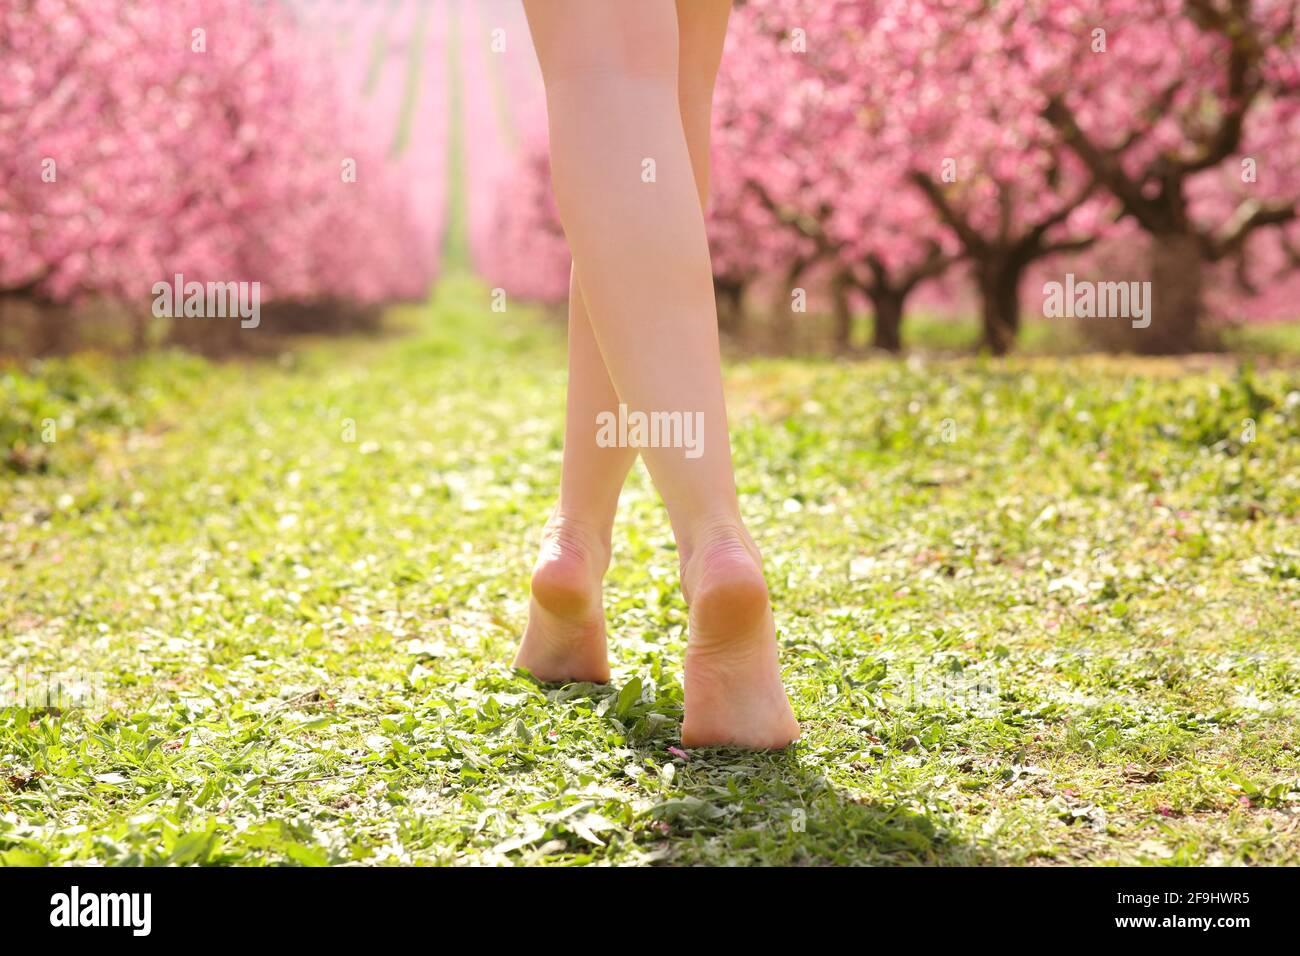 Vista posterior retrato de una hermosa mujer encerada piernas caminando a través de un campo de flores rosadas en la temporada de primavera Foto de stock